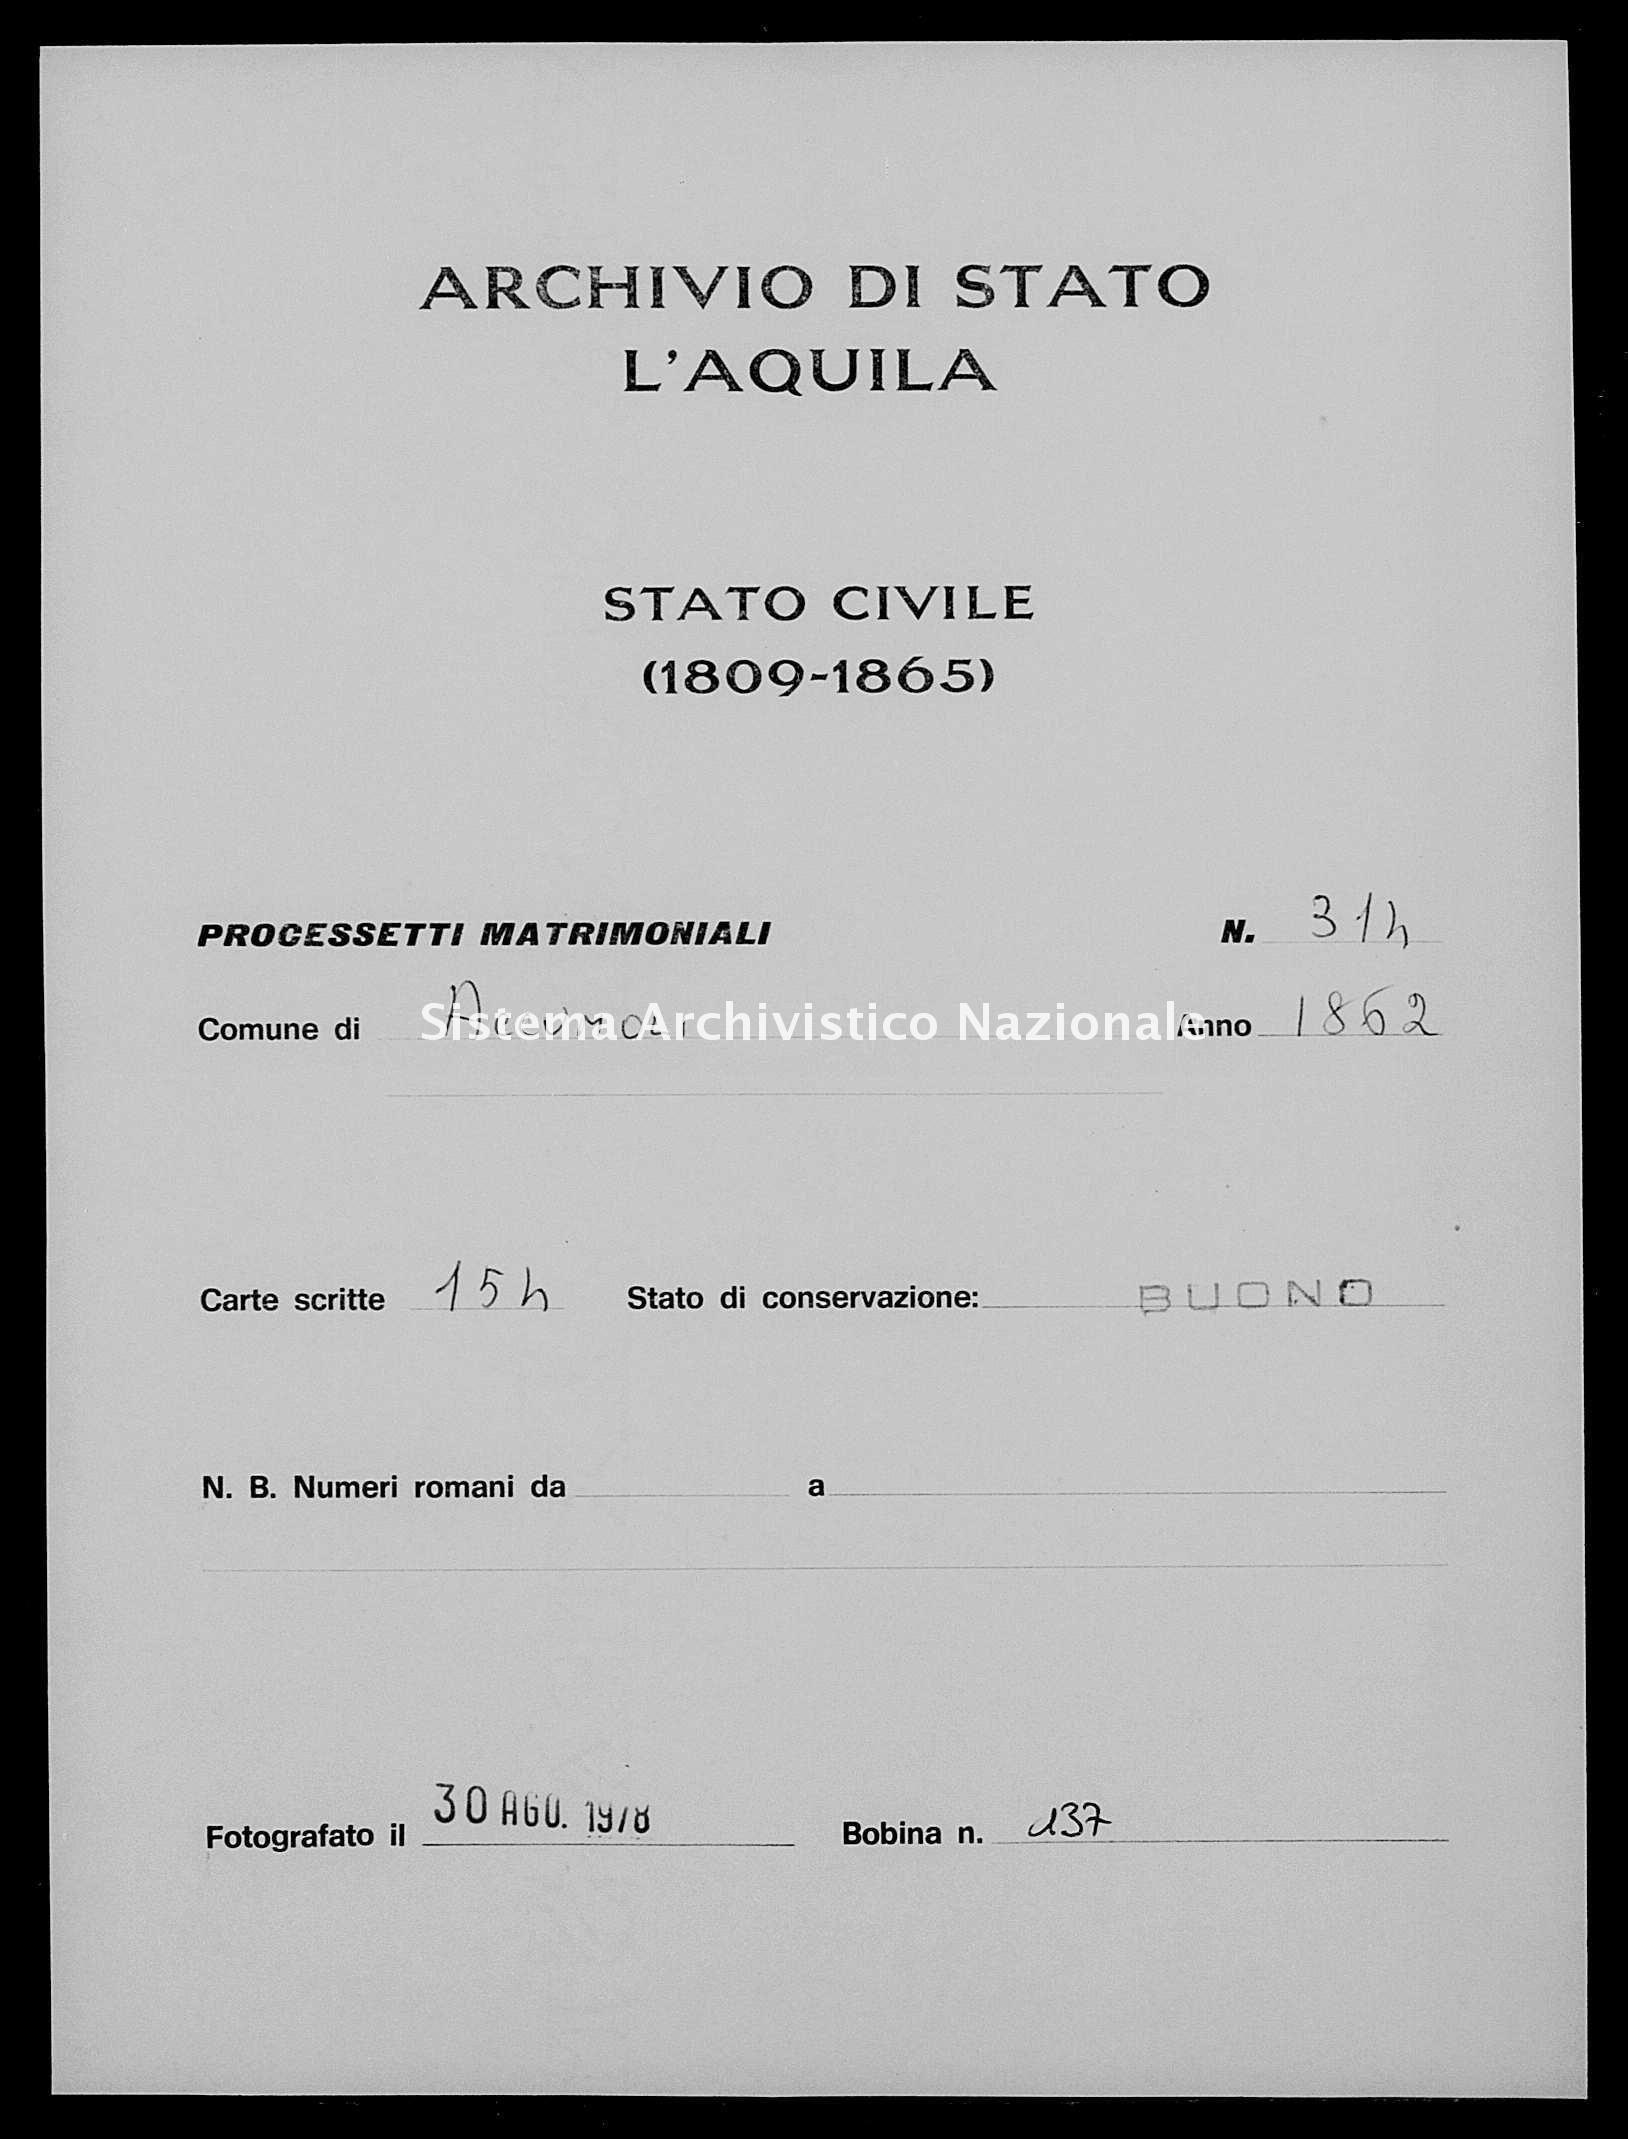 Archivio di stato di L'aquila - Stato civile italiano - Accumoli - Matrimoni, processetti - 1862 - 314 -